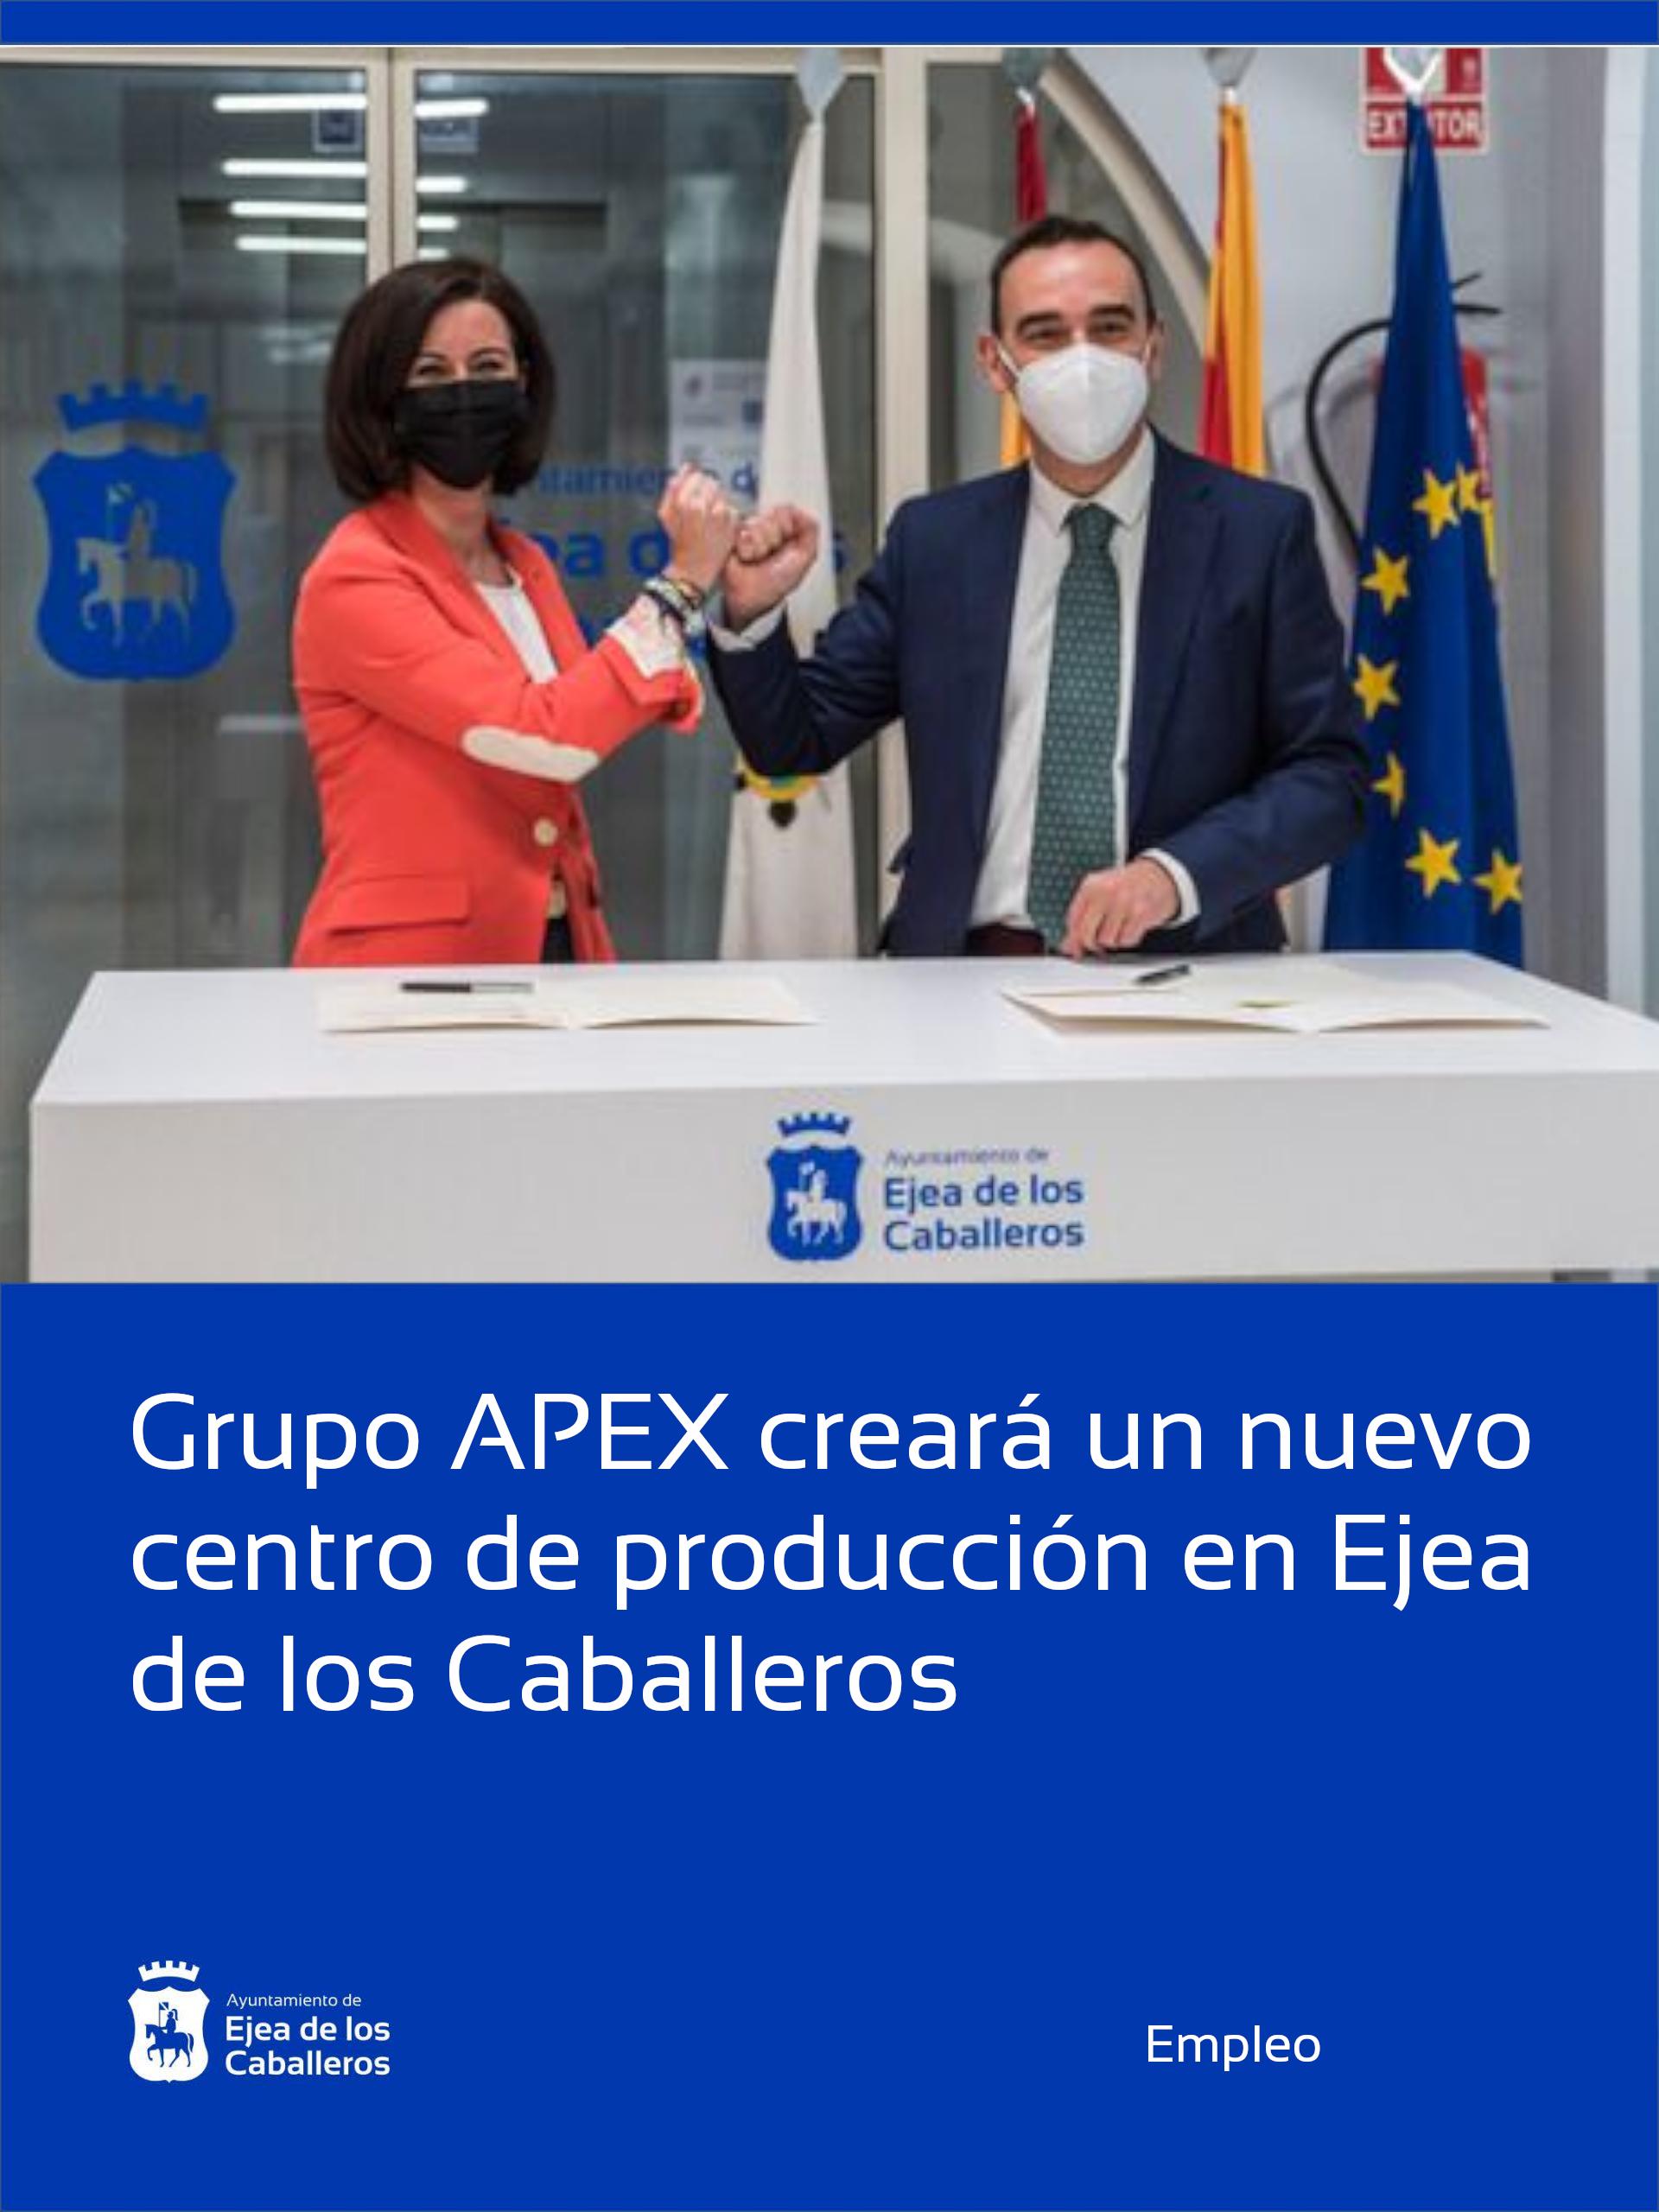 Grupo APEX creará un nuevo centro de producción en Ejea de los Caballeros con una inversión superior a los 2 millones de euros